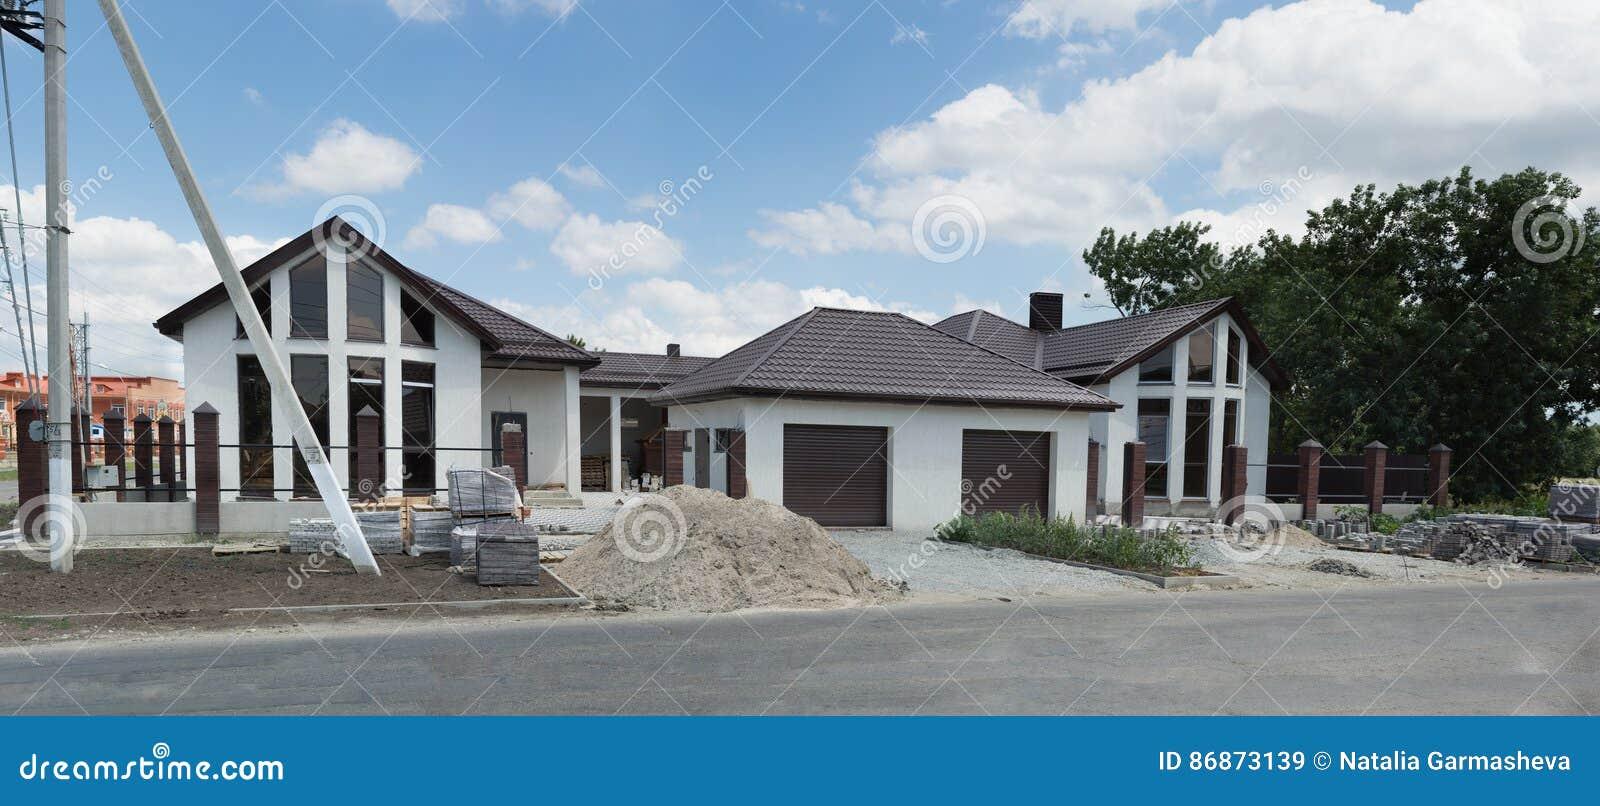 Onvolledig mooi plattelandshuisje voor twee families met garages voor auto